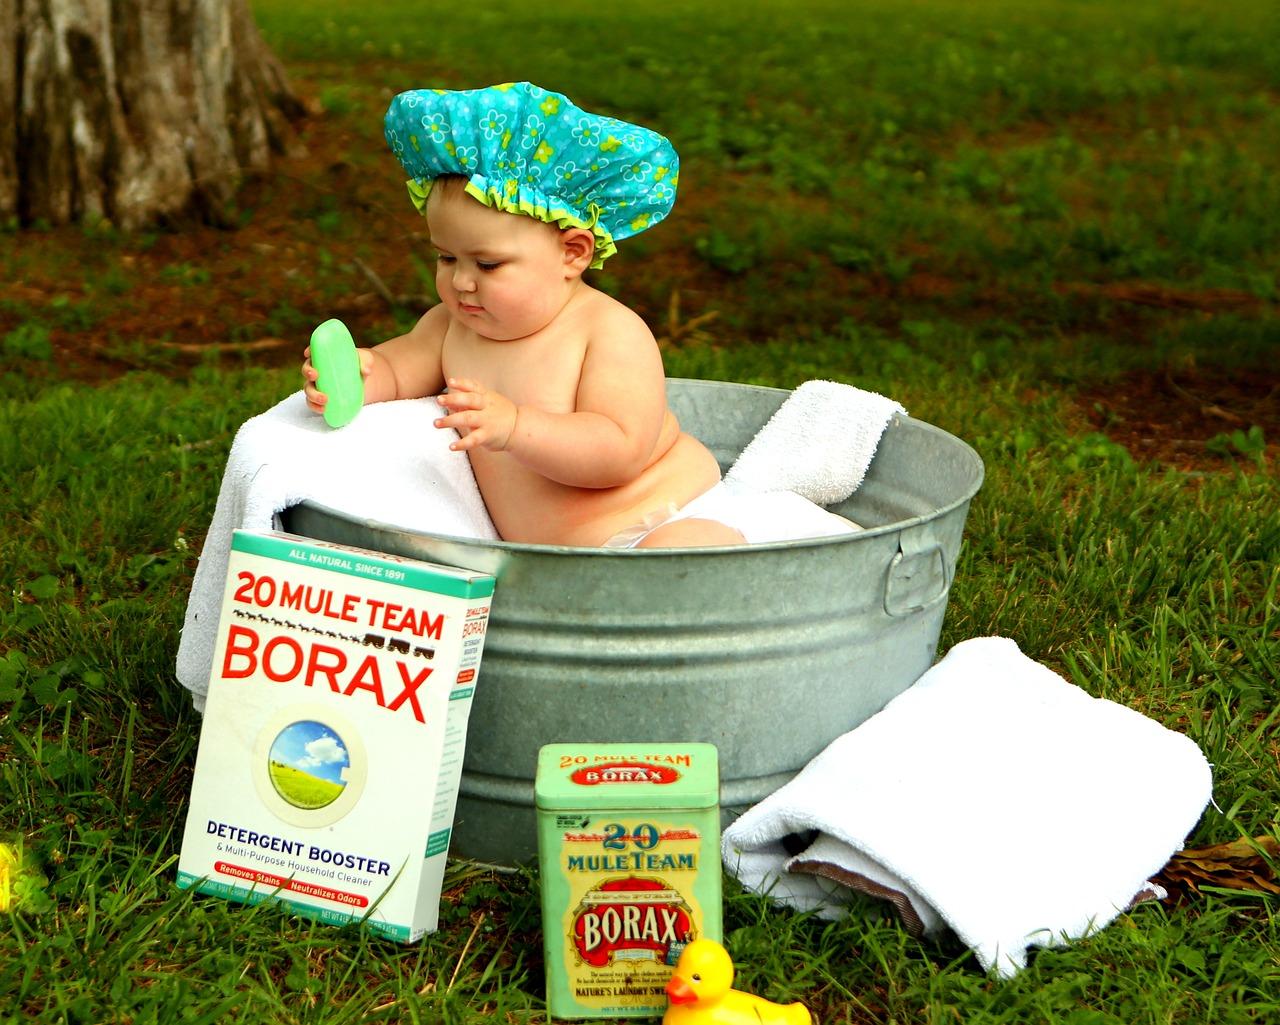 Todo sobre como bañar a un bebé - La Educación Infantil